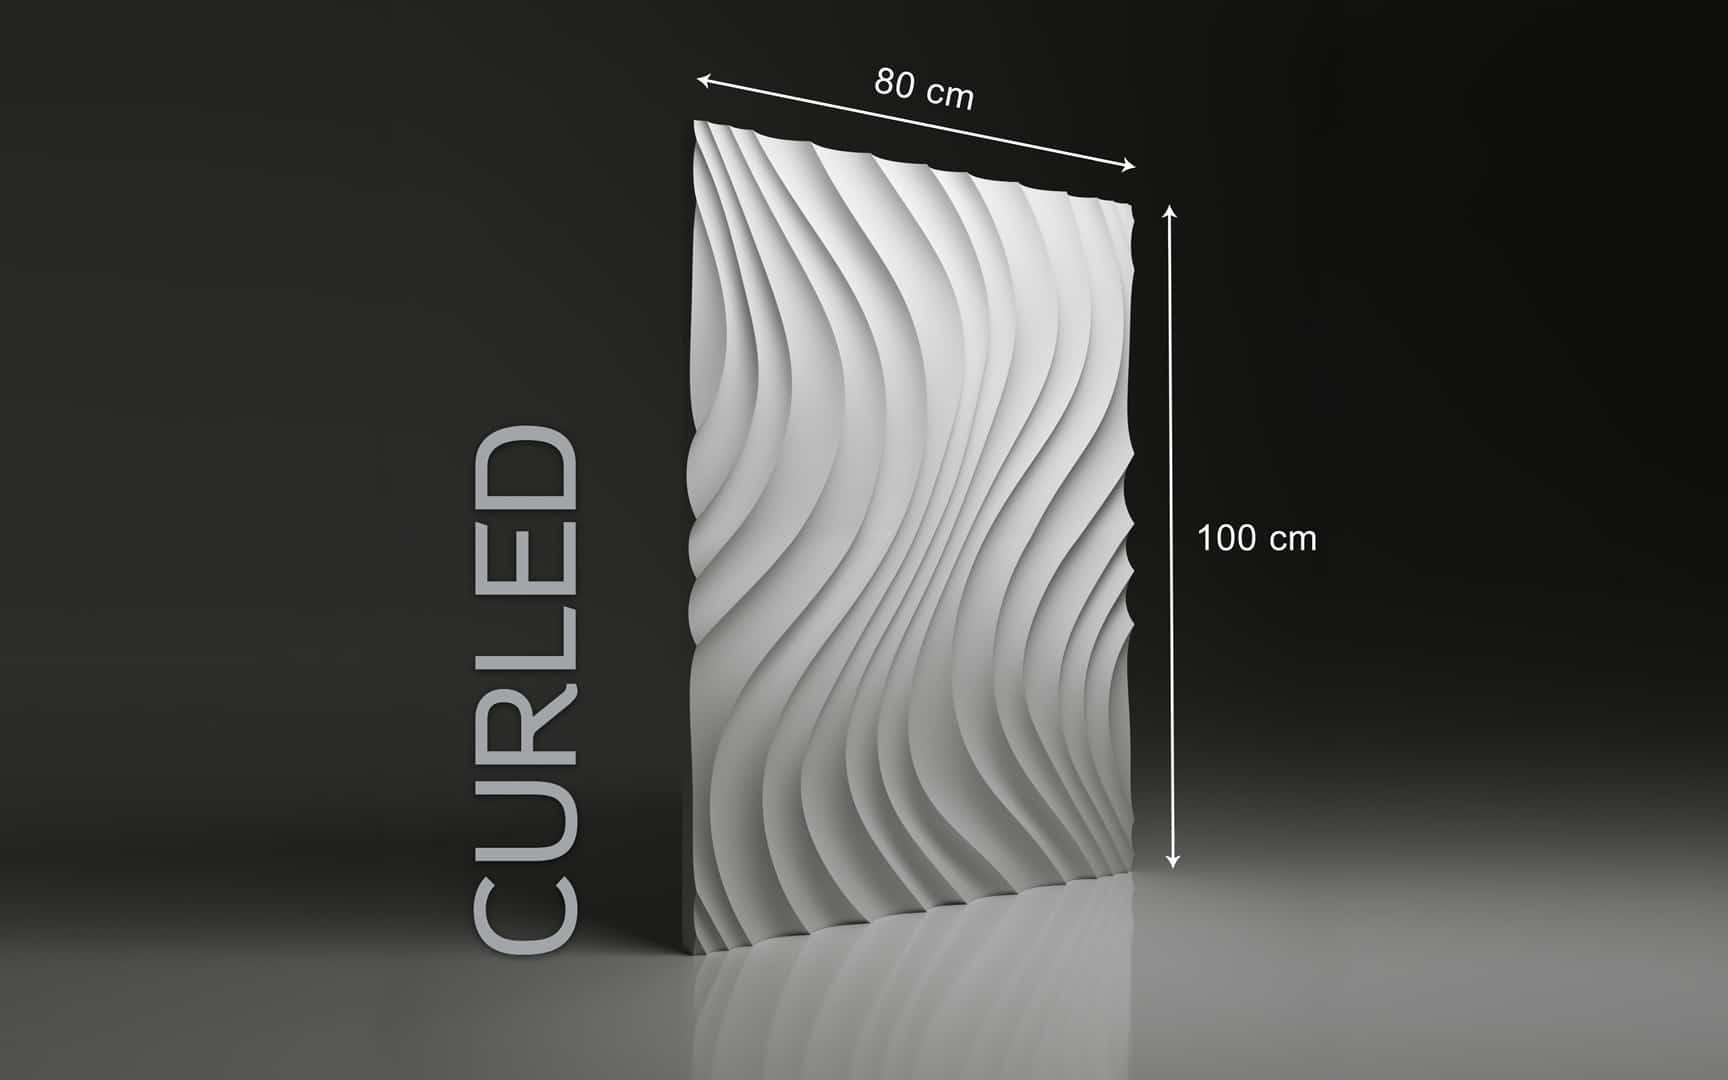 CURLED DIMENSIONS : hauteur 80 x largeur 100 cm ÉPAISSEUR : de 1,5 cm à 3,0 cm  POIDS : environ 12 kg